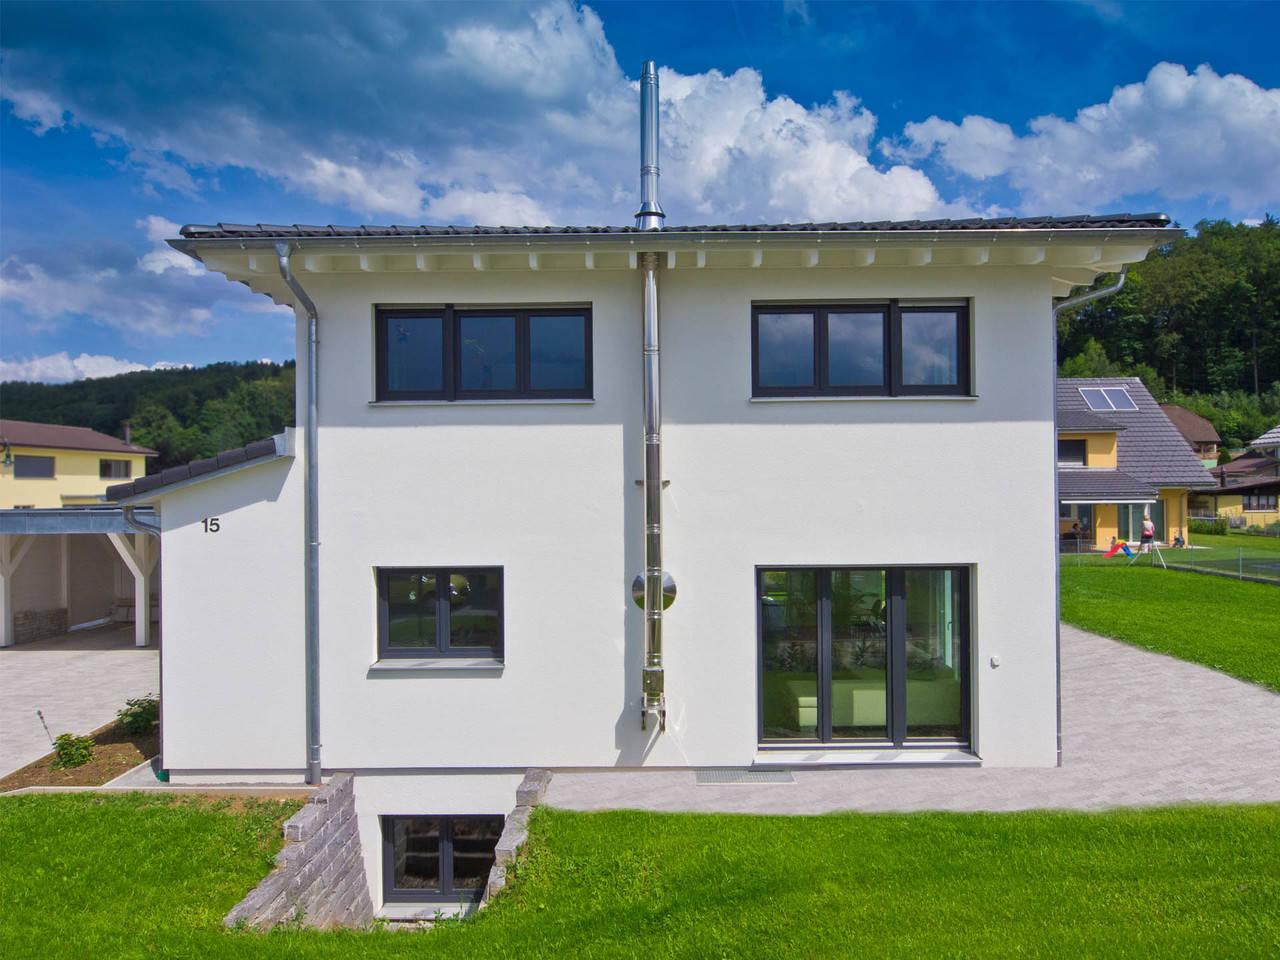 Fertighaus Weiss Stadtvilla Studer Seitenansicht